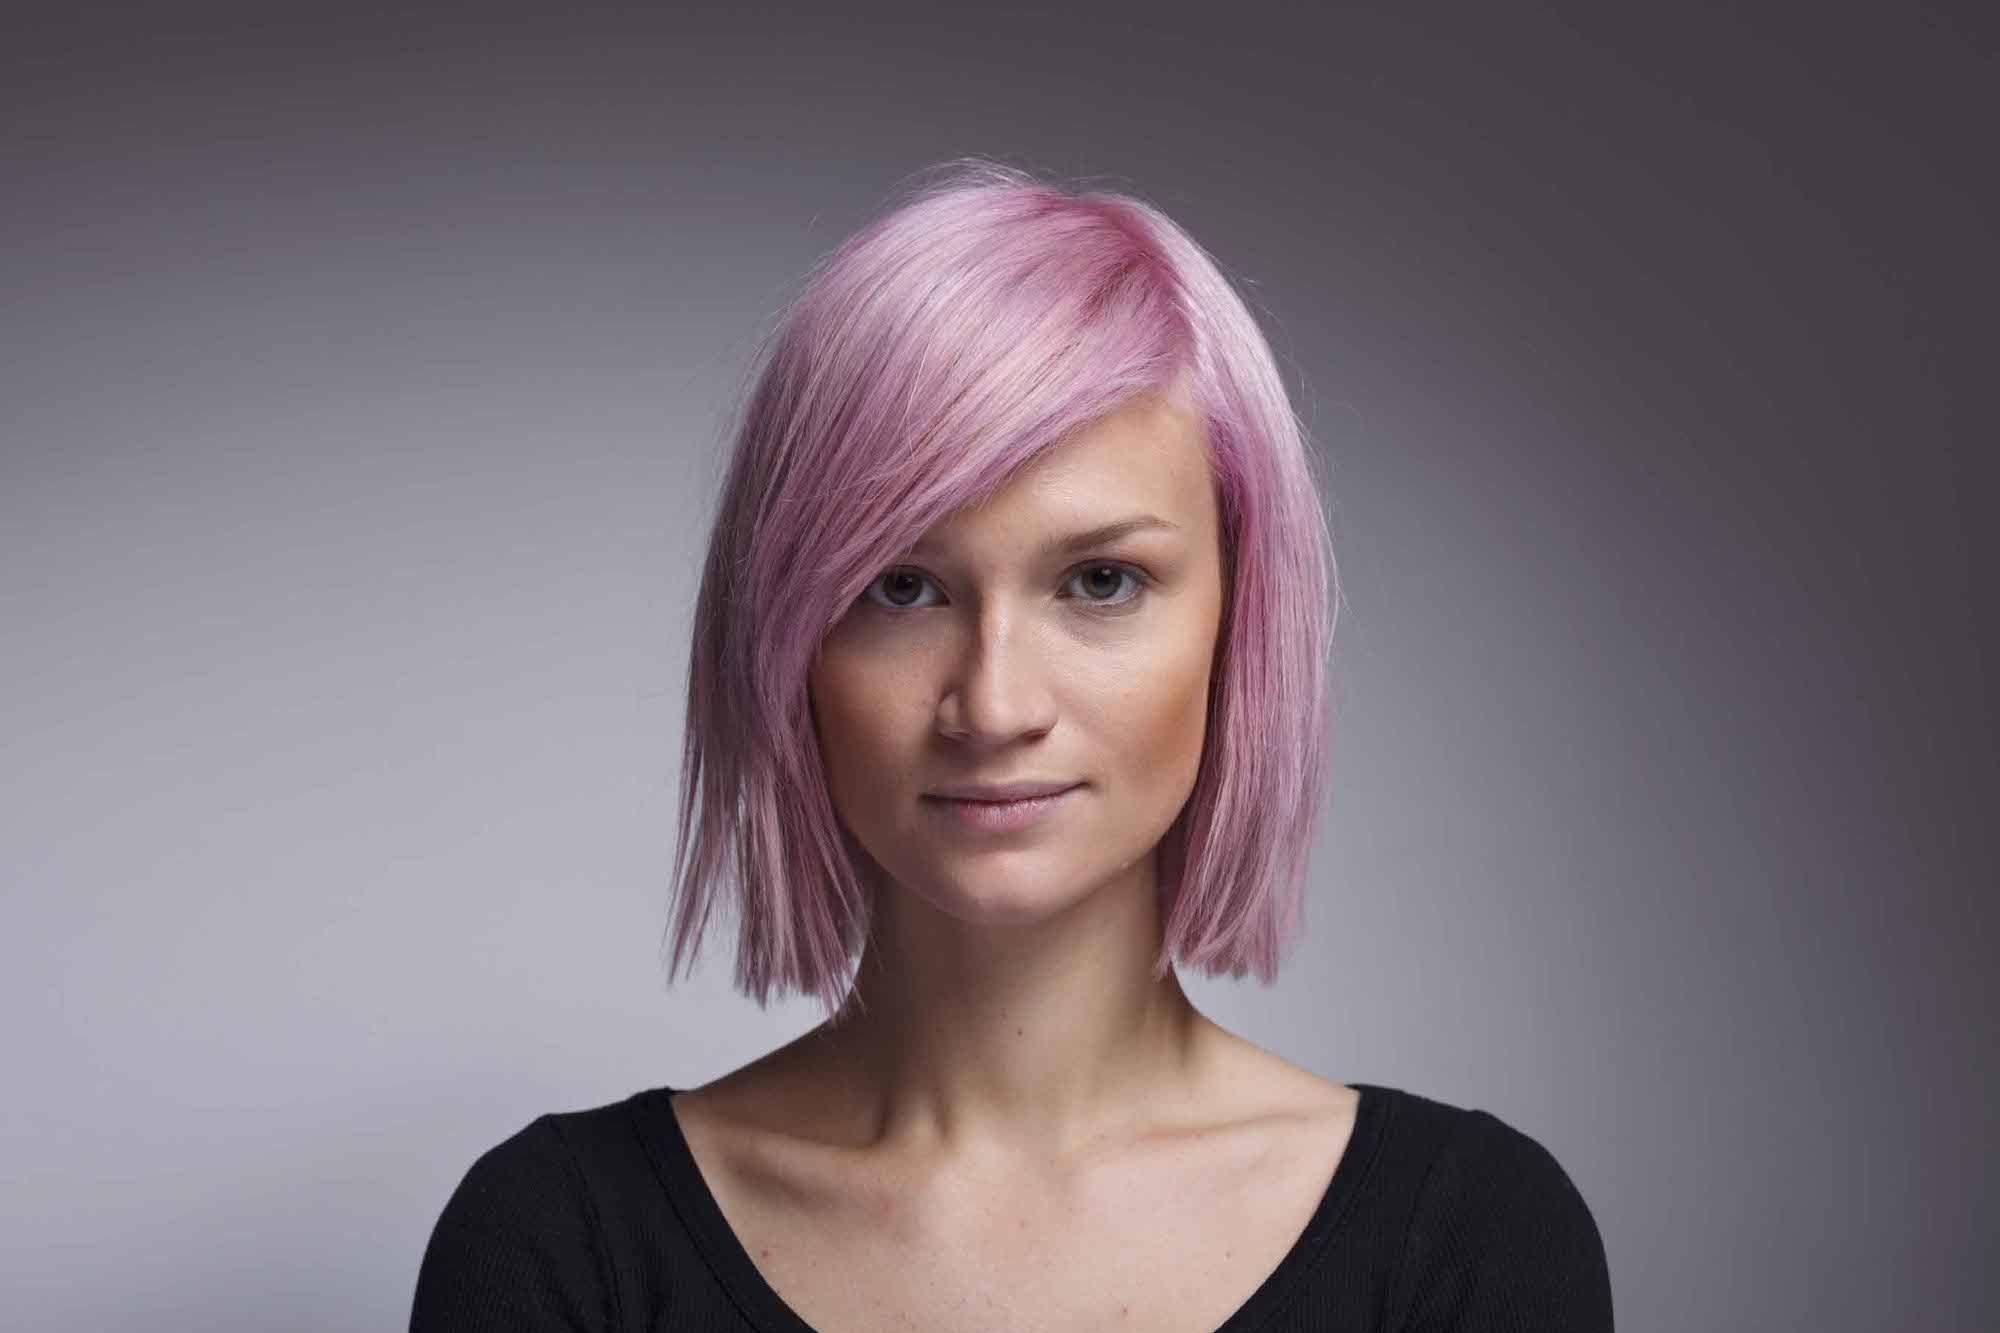 Warna rambut pastel pink pada kulit kuning langsat.